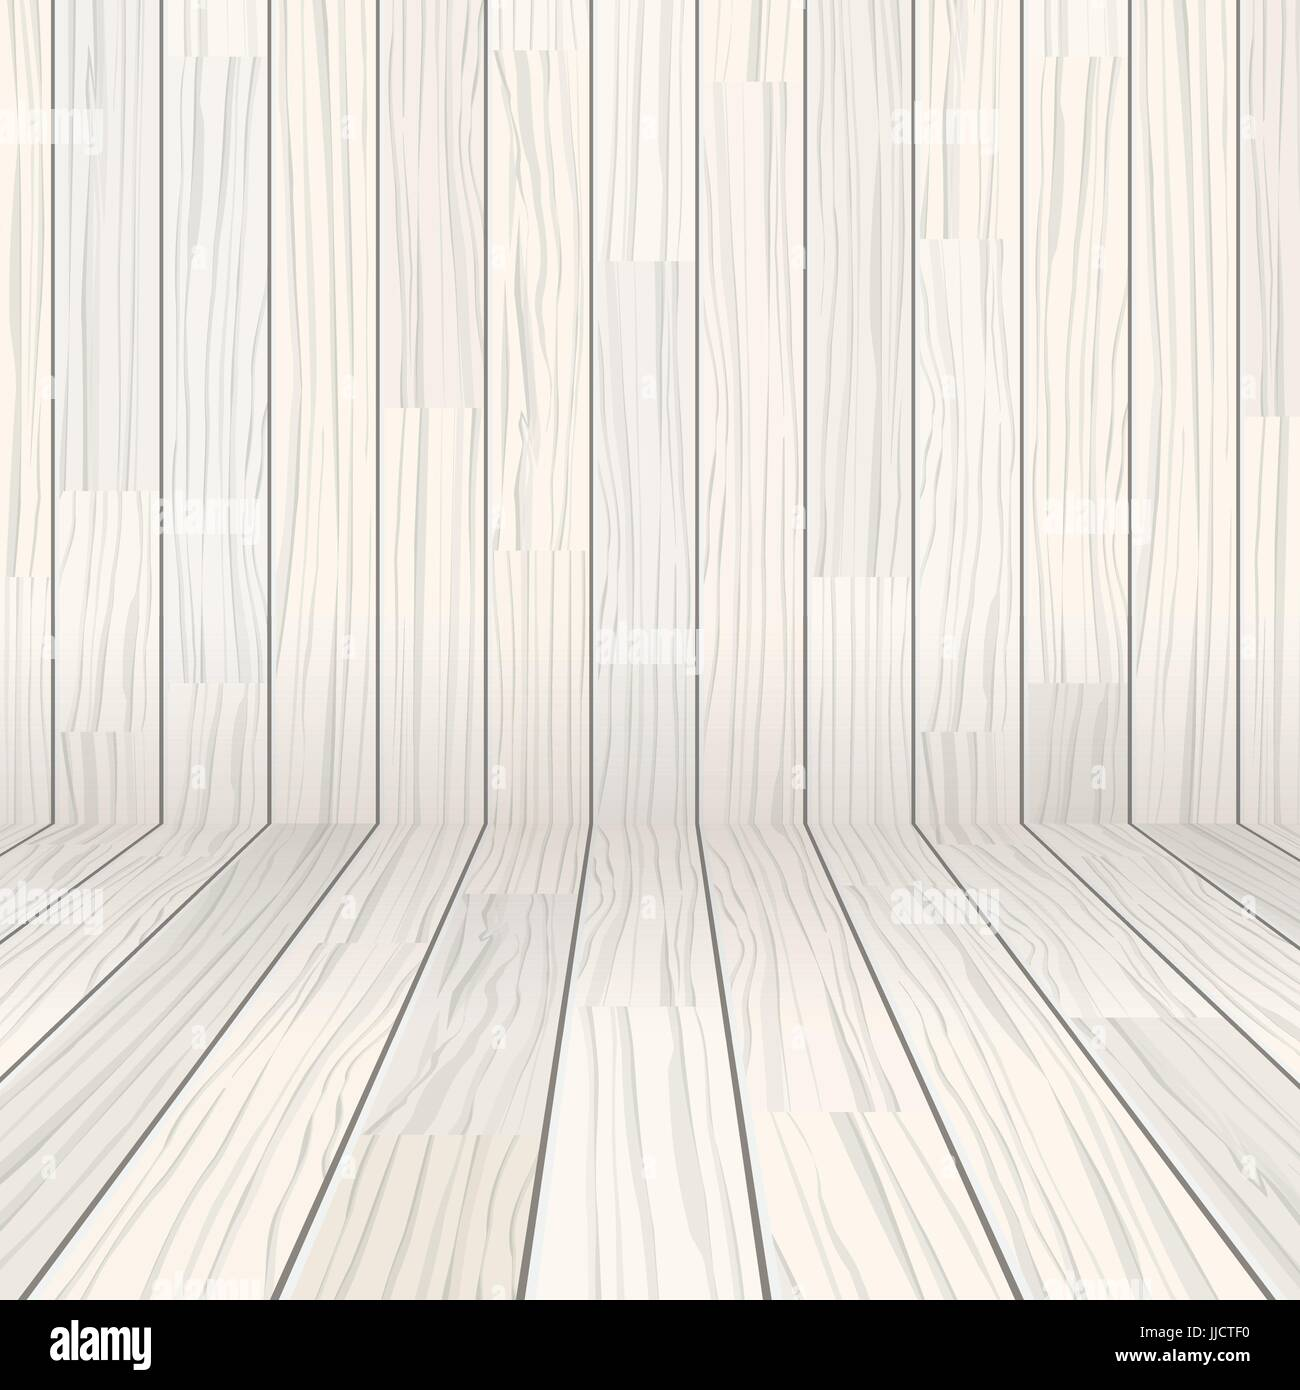 vector wooden texture empty room background